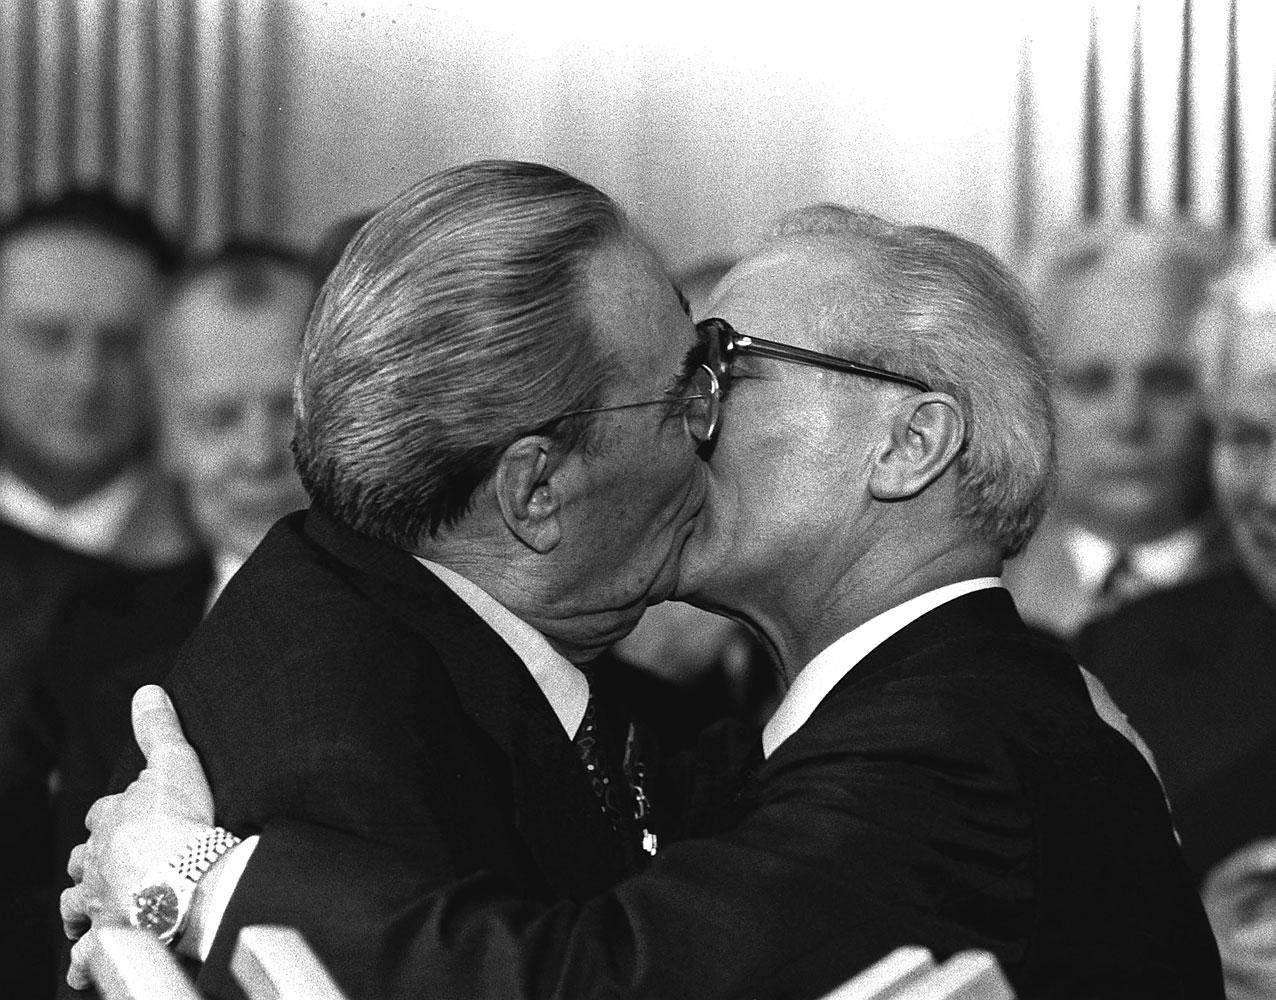 Soviet President Leonid Brezhnev and East German leader Erich Honecker